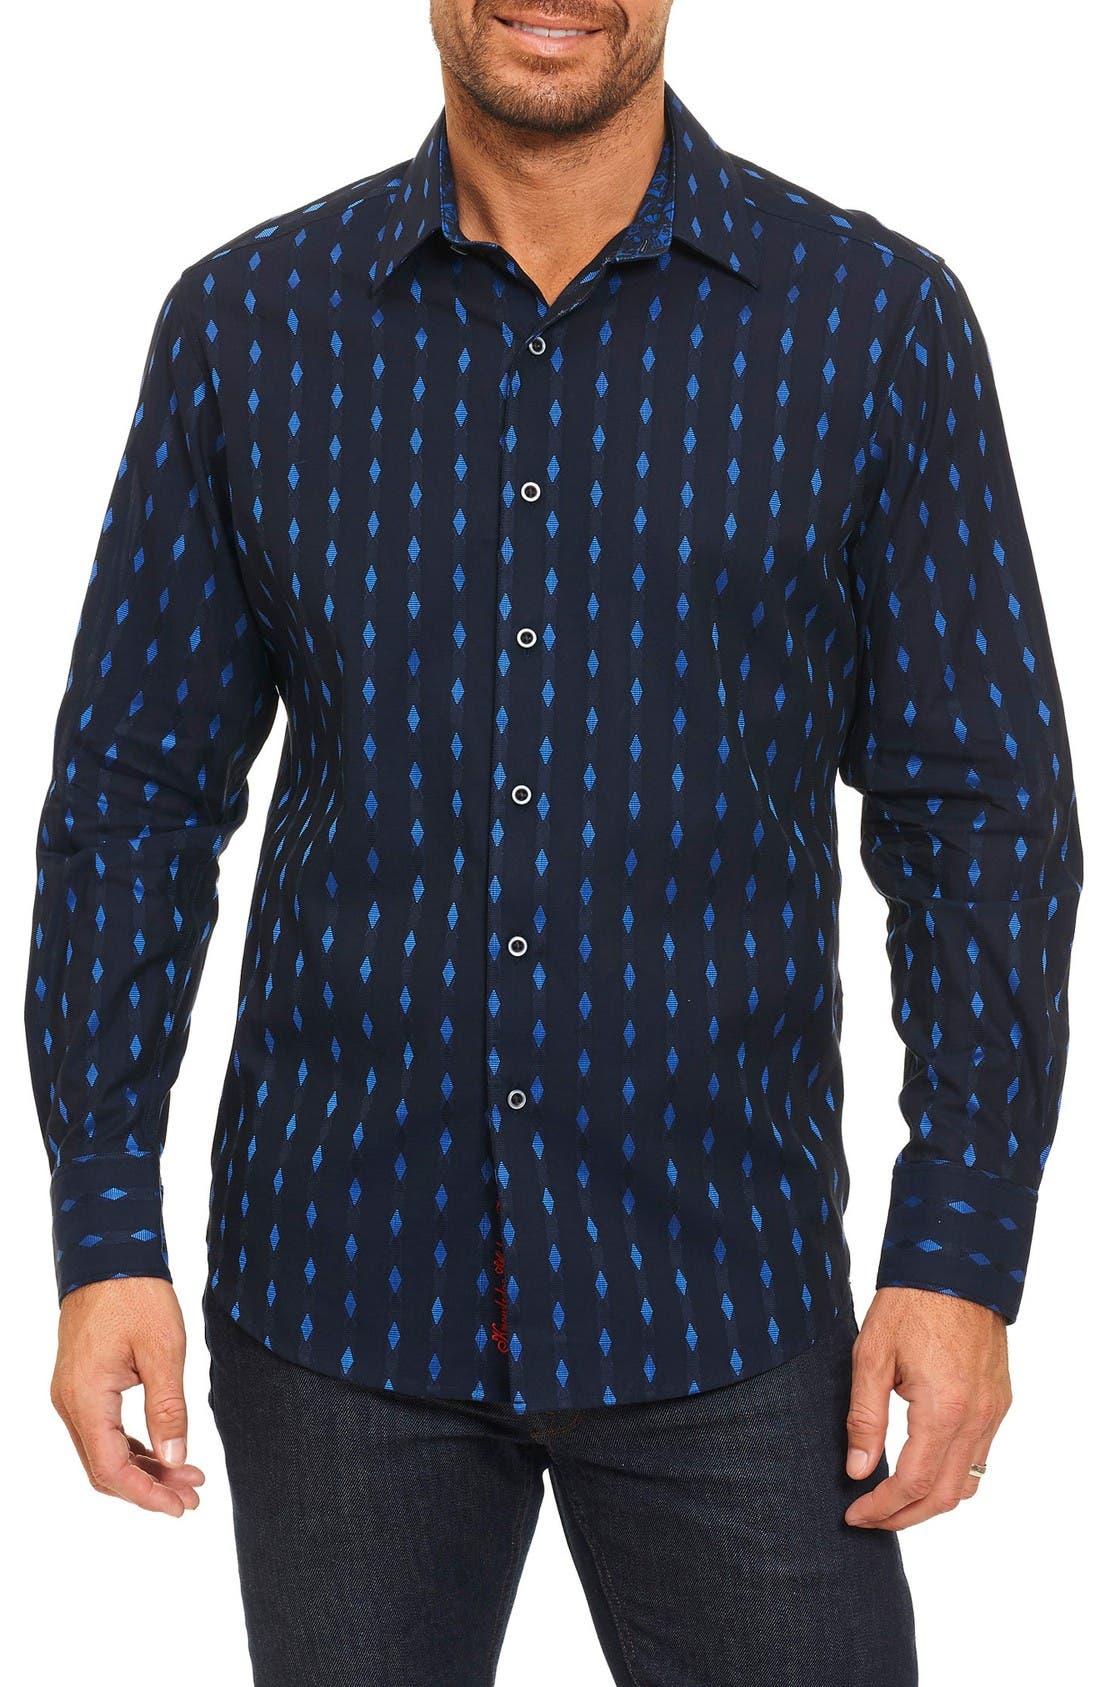 Kumar Sport Shirt,                         Main,                         color, Blue